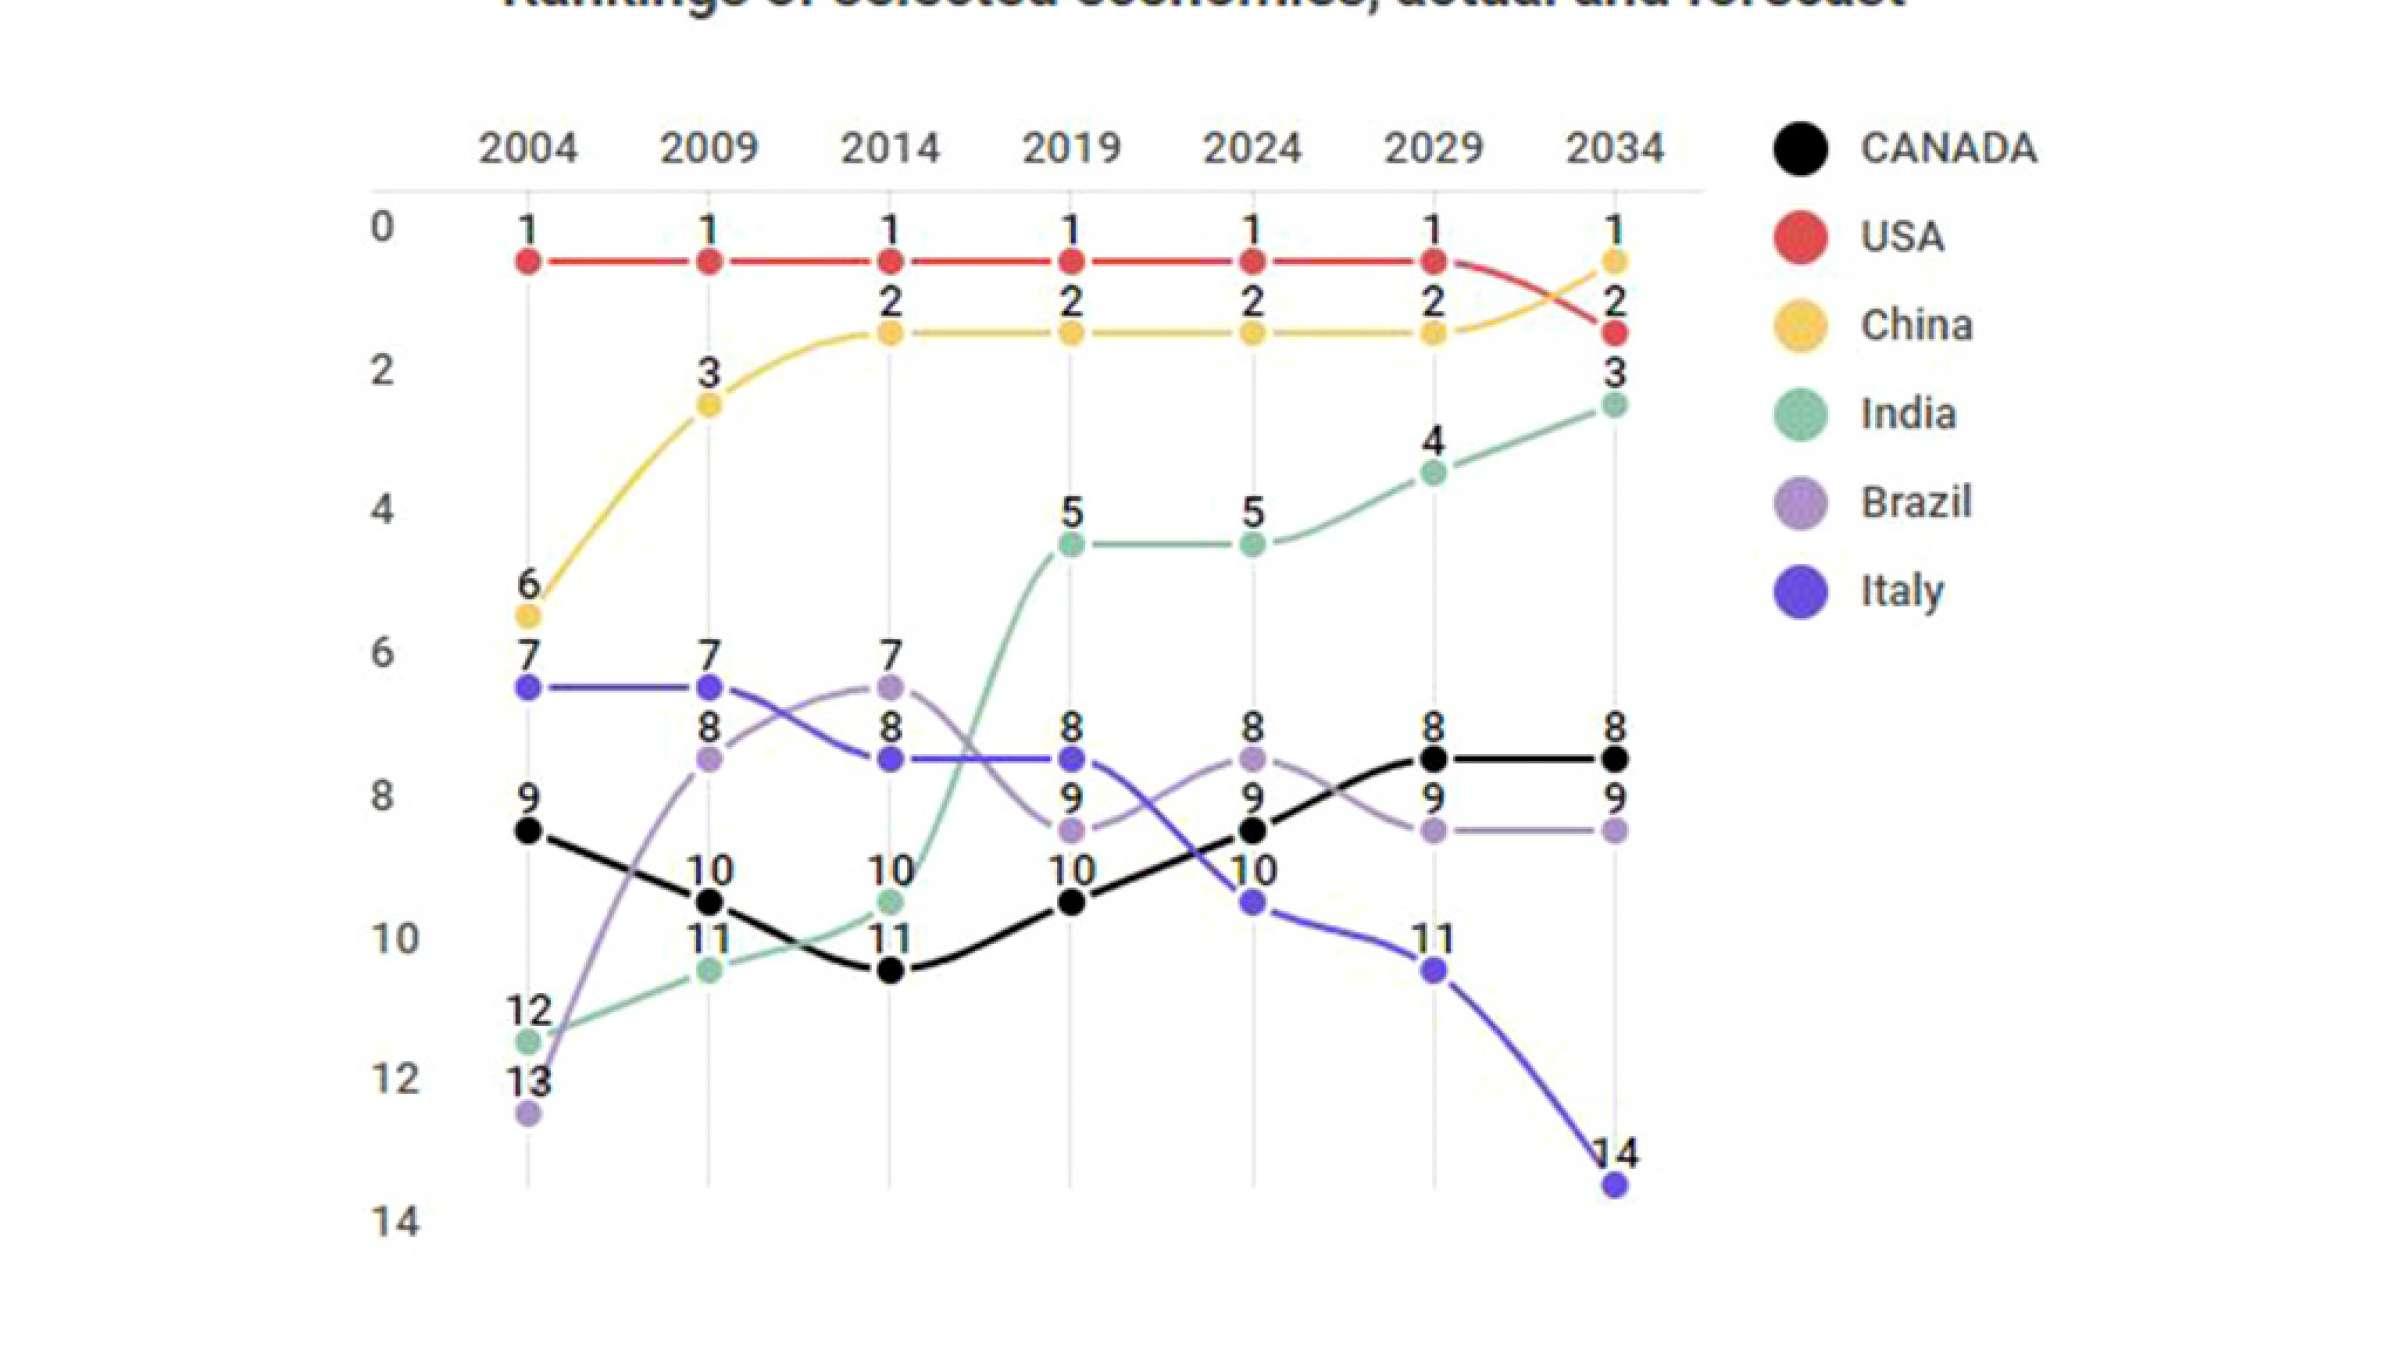 اخبار-کانادا-اقتصاد-کانادا-برزیل-و-ایتالیا-را-پشت-سر-می-گذارد